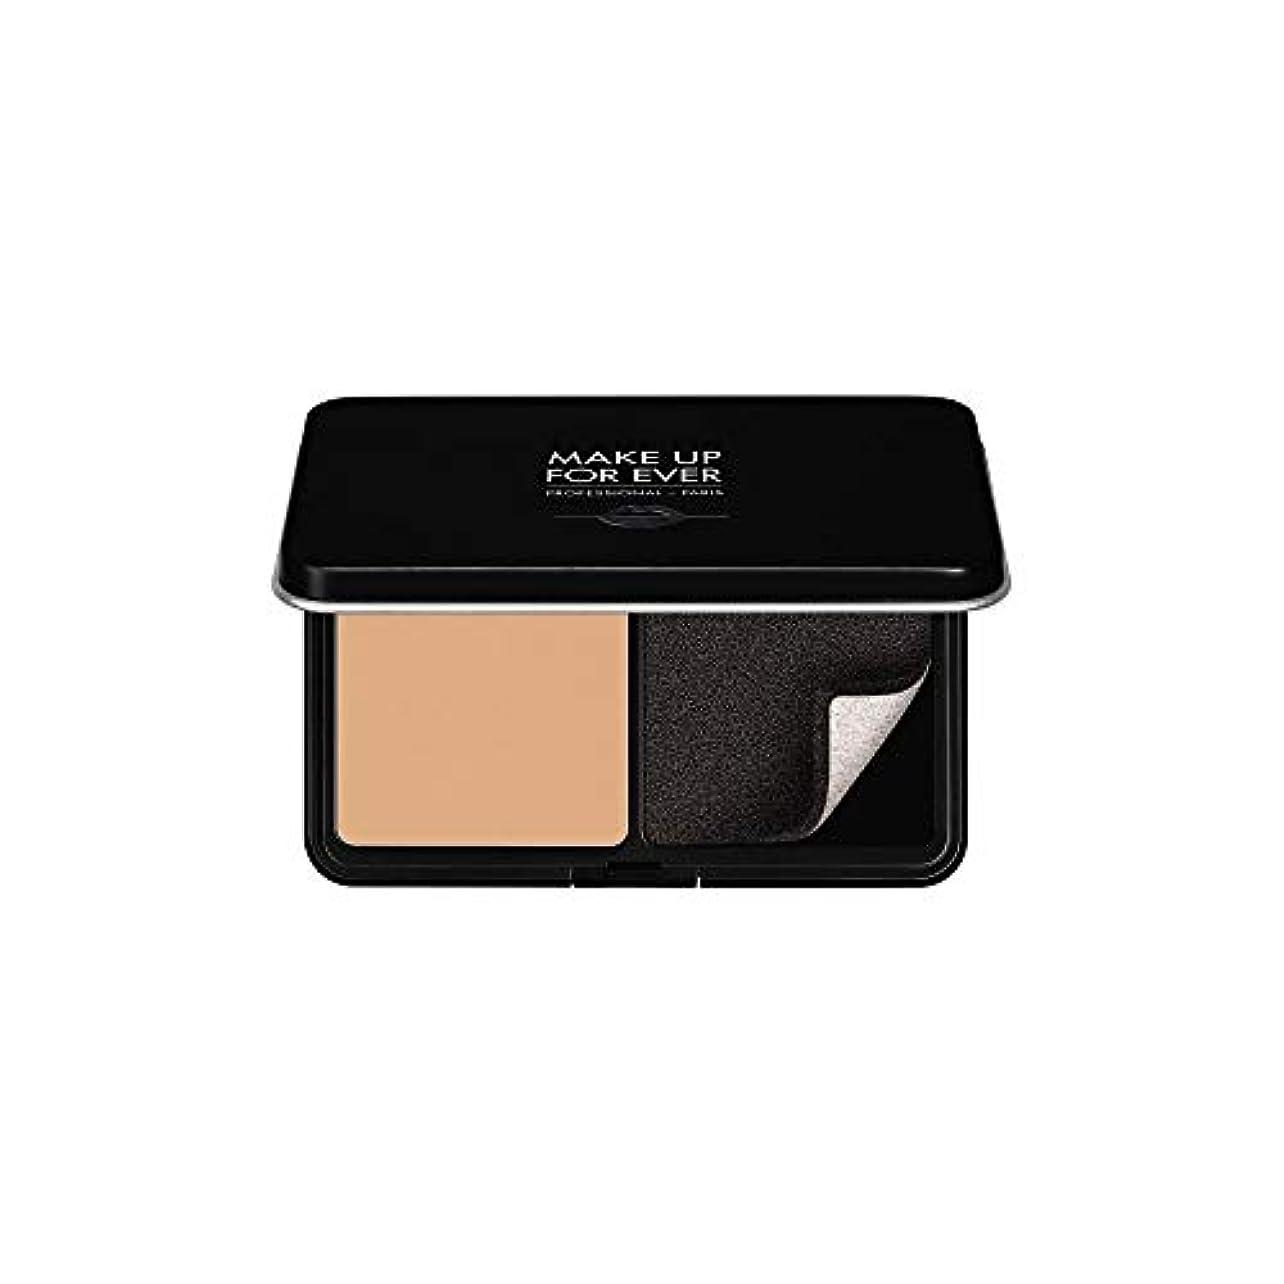 旧正月未接続持ってるメイクアップフォーエバー Matte Velvet Skin Blurring Powder Foundation - # R260 (Pink Beige) 11g/0.38oz並行輸入品